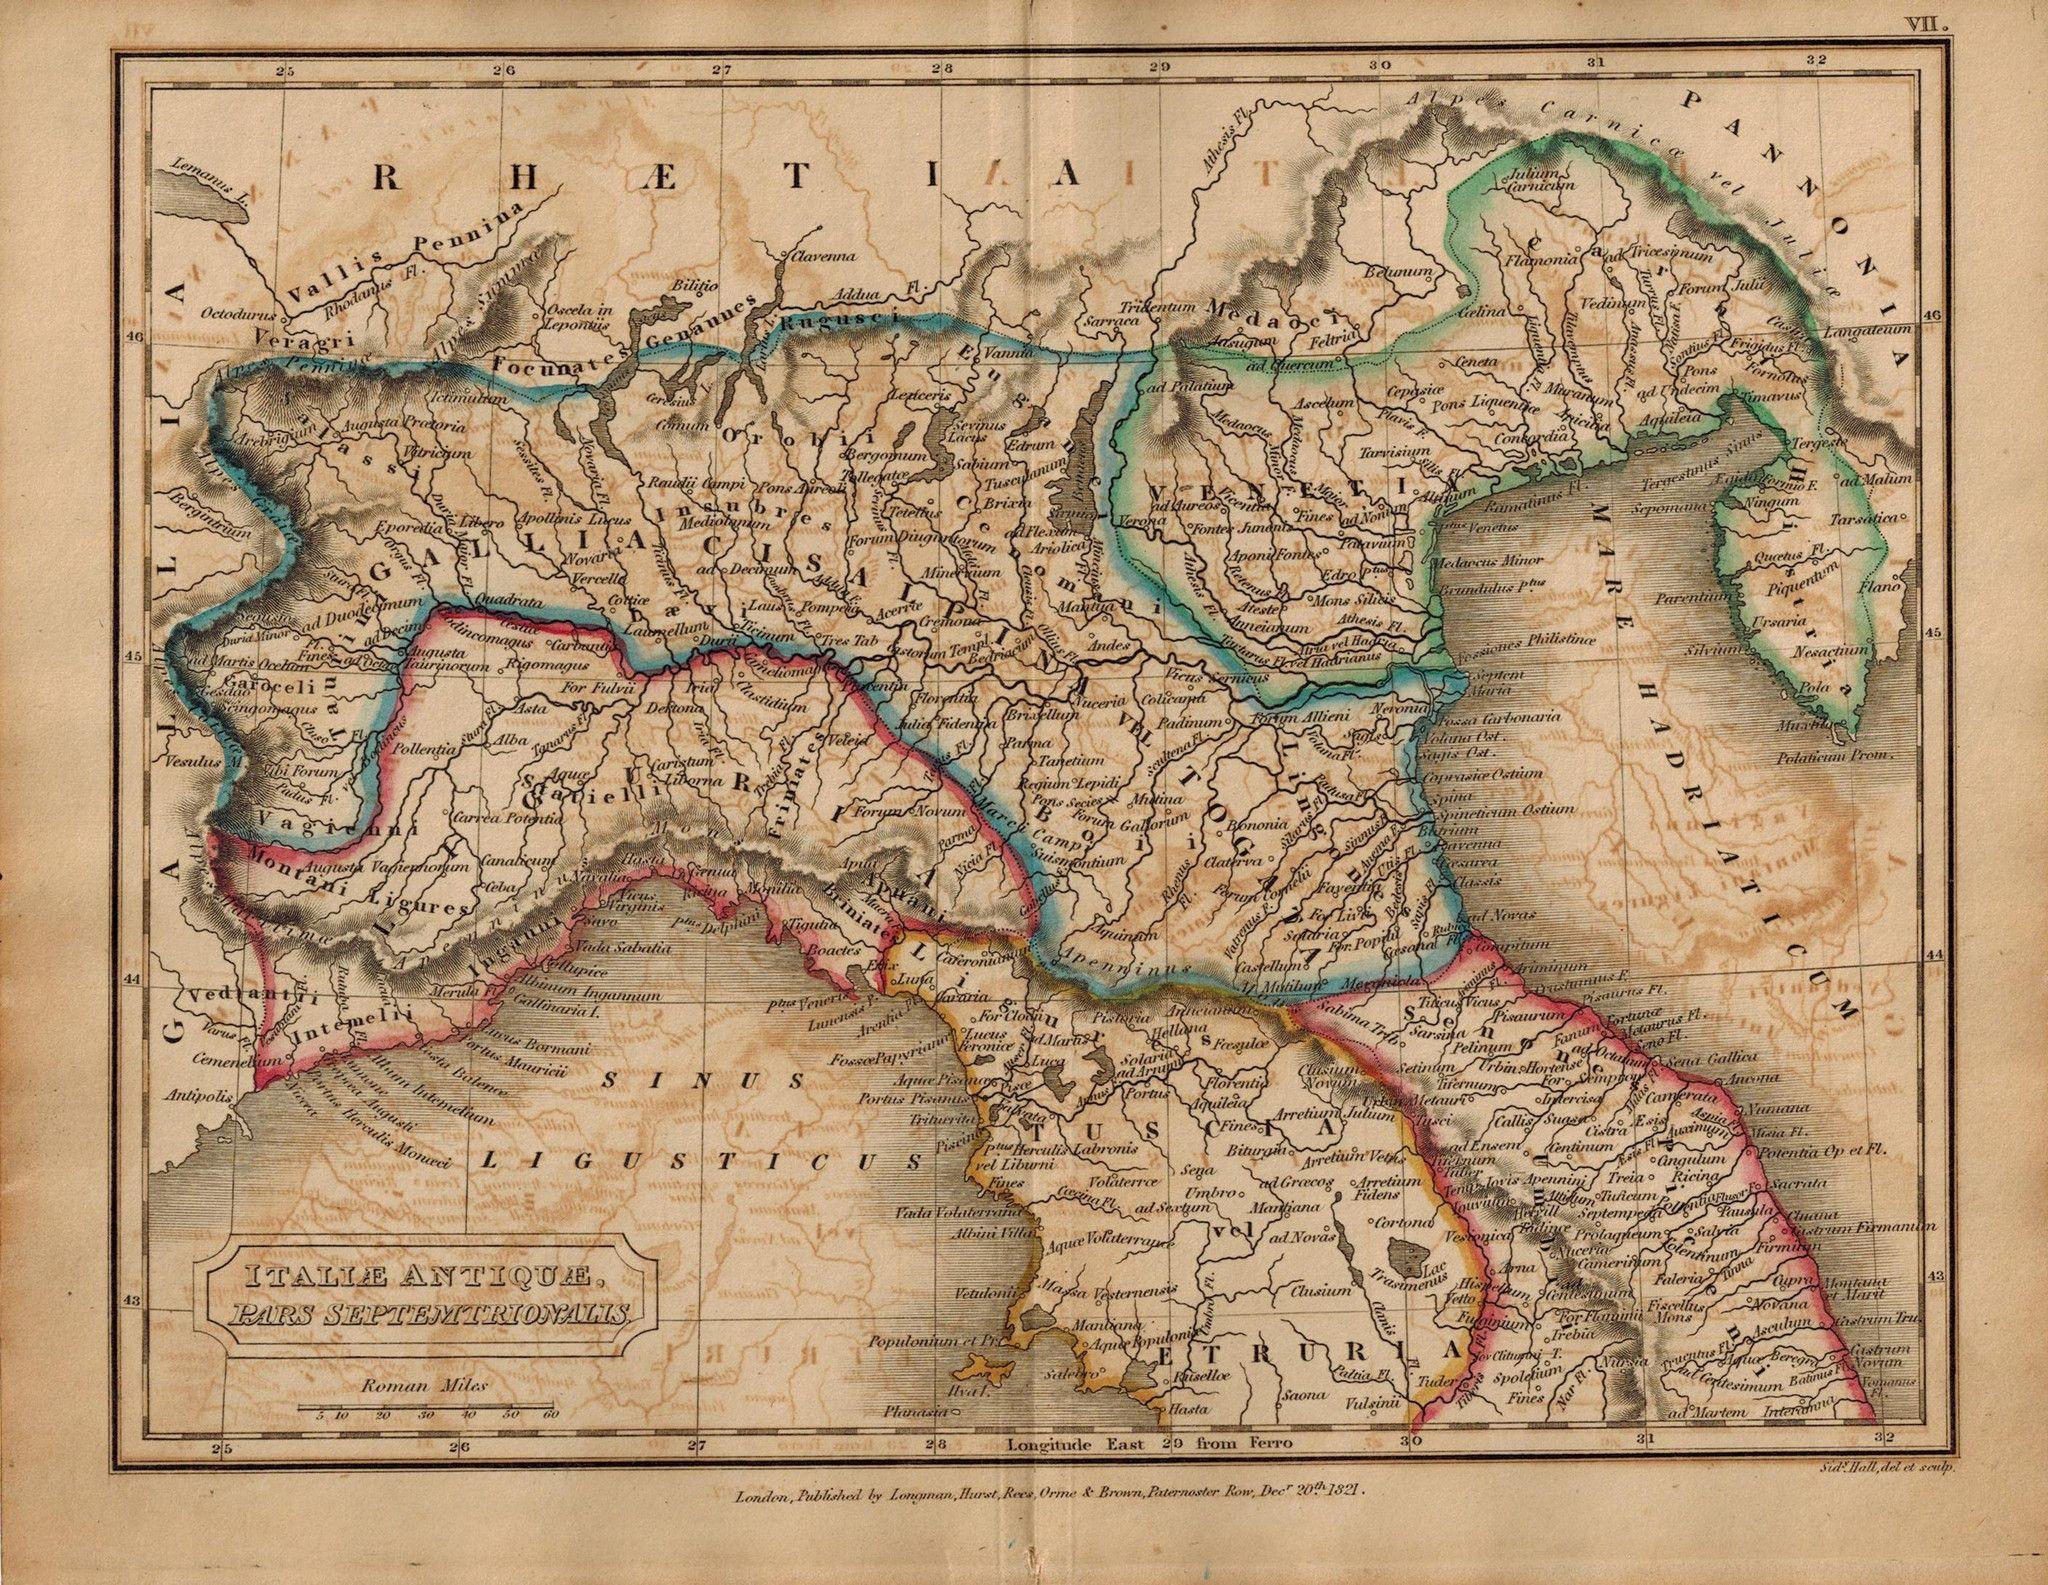 Italiae Antiquae Pars Septentrionalis